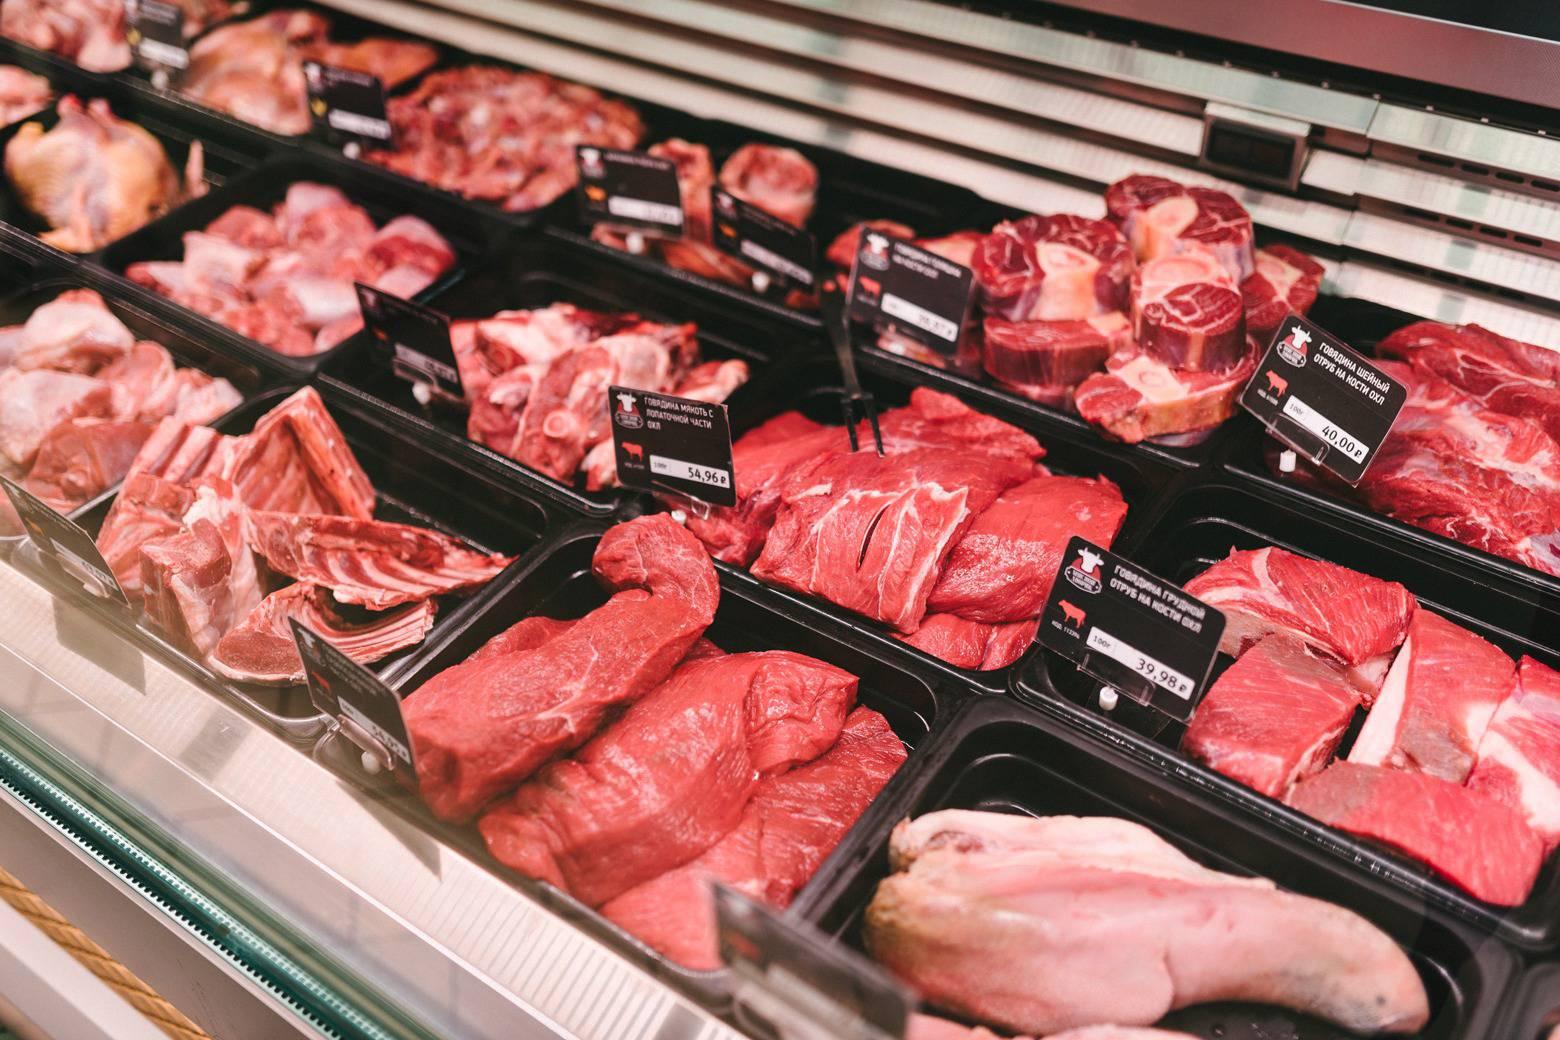 В торговой точке Орловского района продавалось мясо без документов